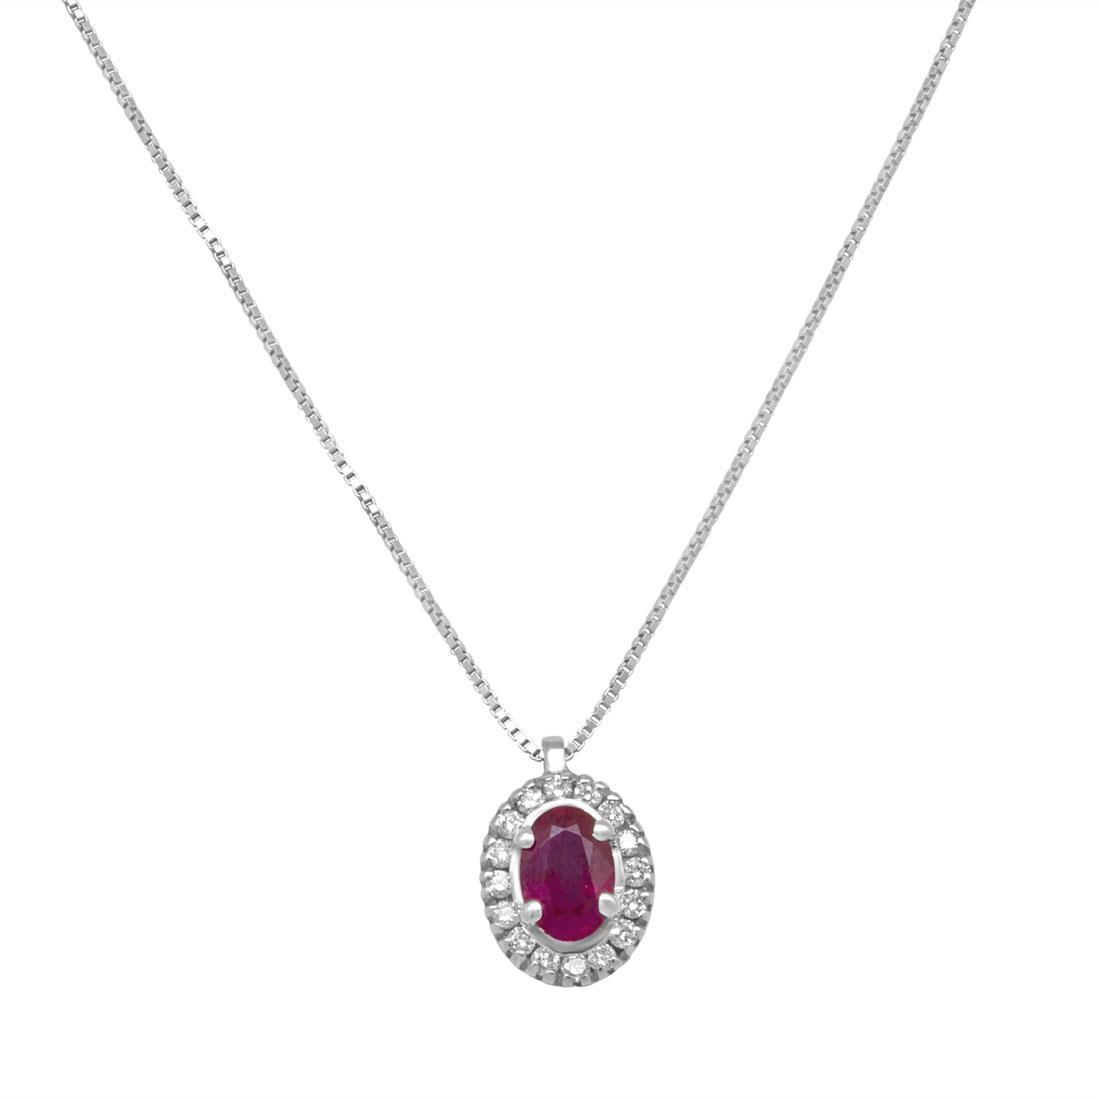 Collana in oro bianco con diamanti e rubino ct. 0,54 - ALFIERI ST JOHN